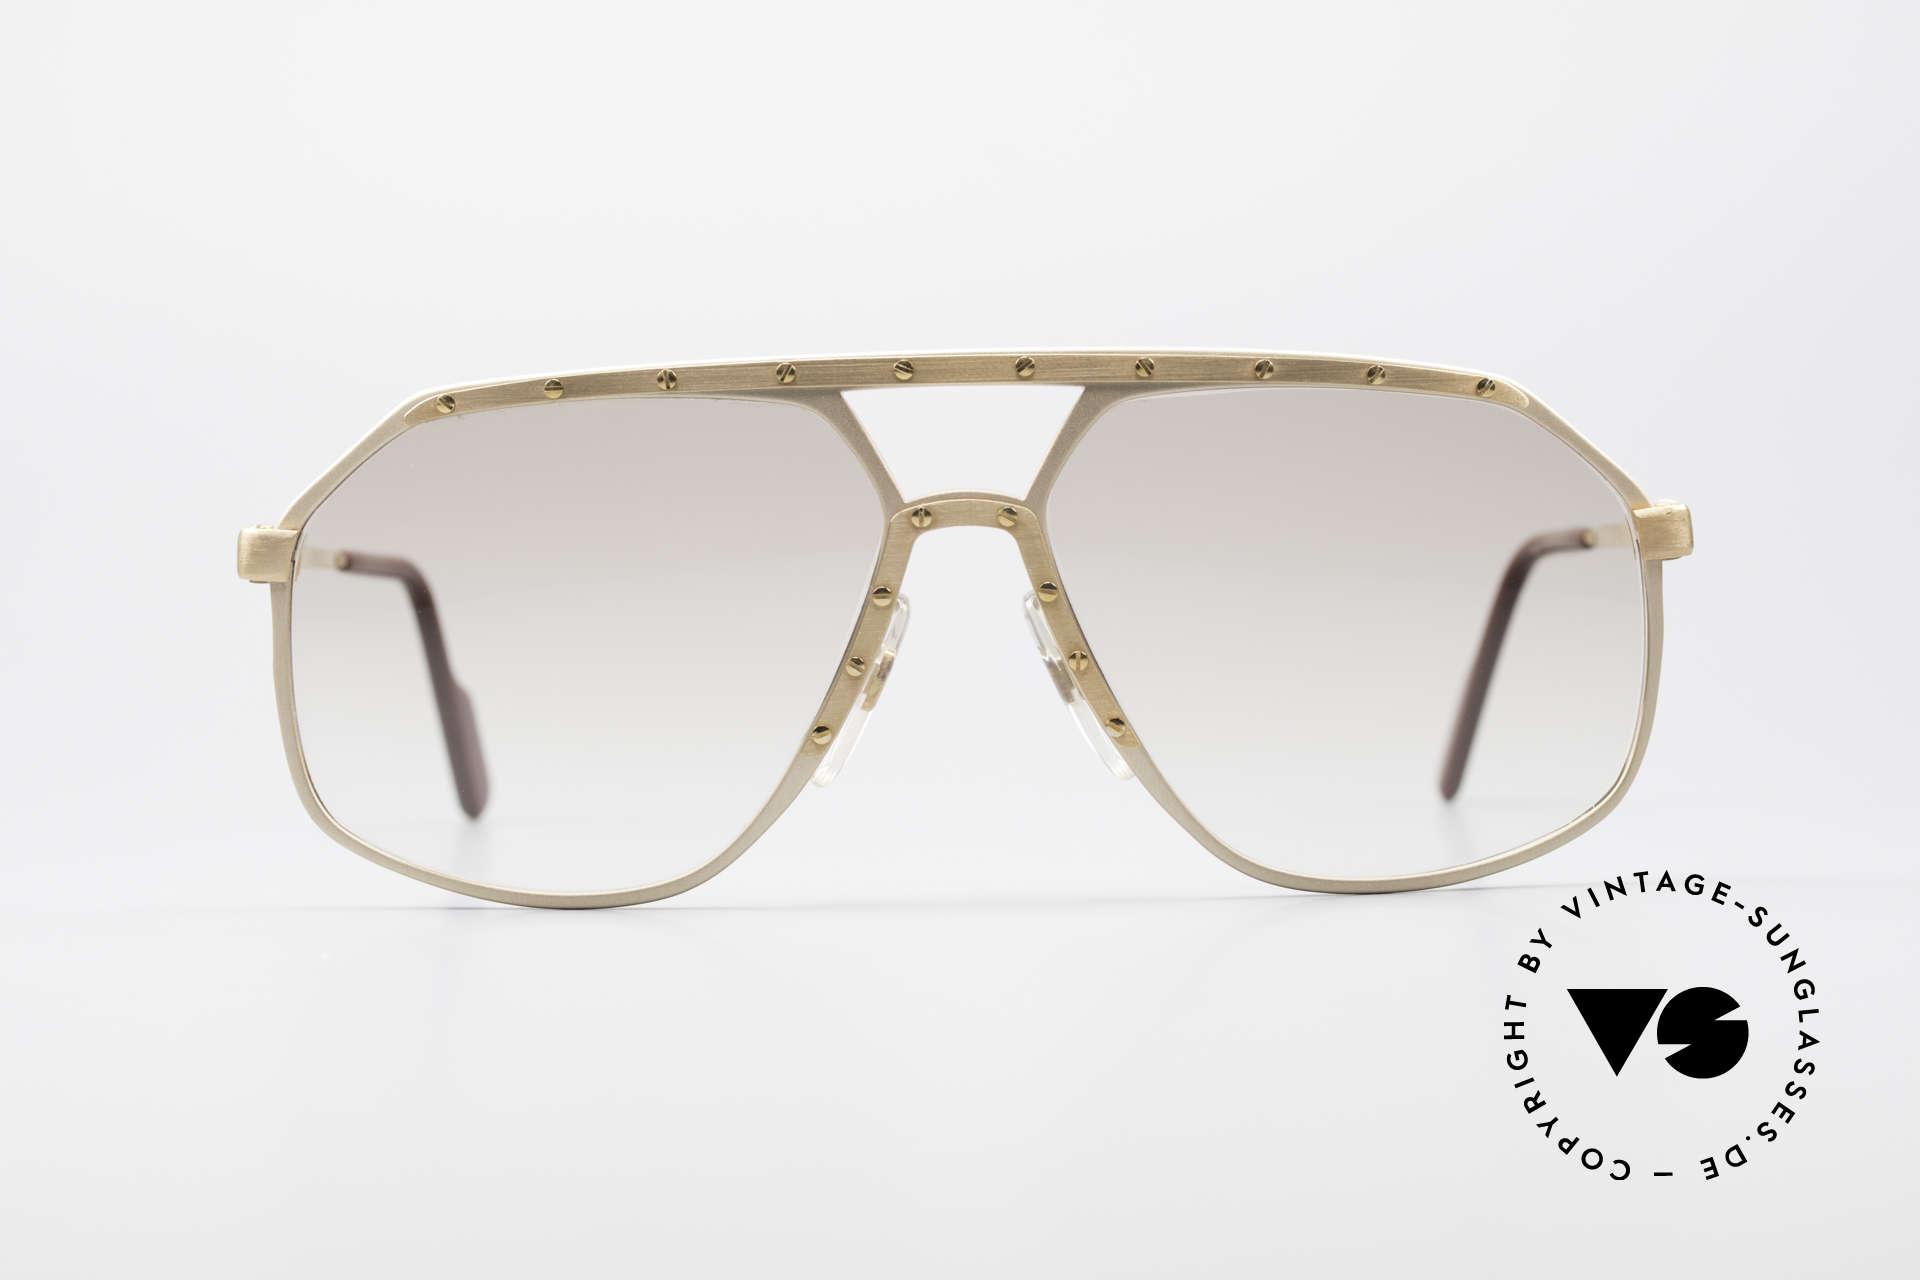 Alpina M6 Echte Alte 80er Vintage Brille, ein kostbares ORIGINAL aus den 80ern; W.Germany, Passend für Herren